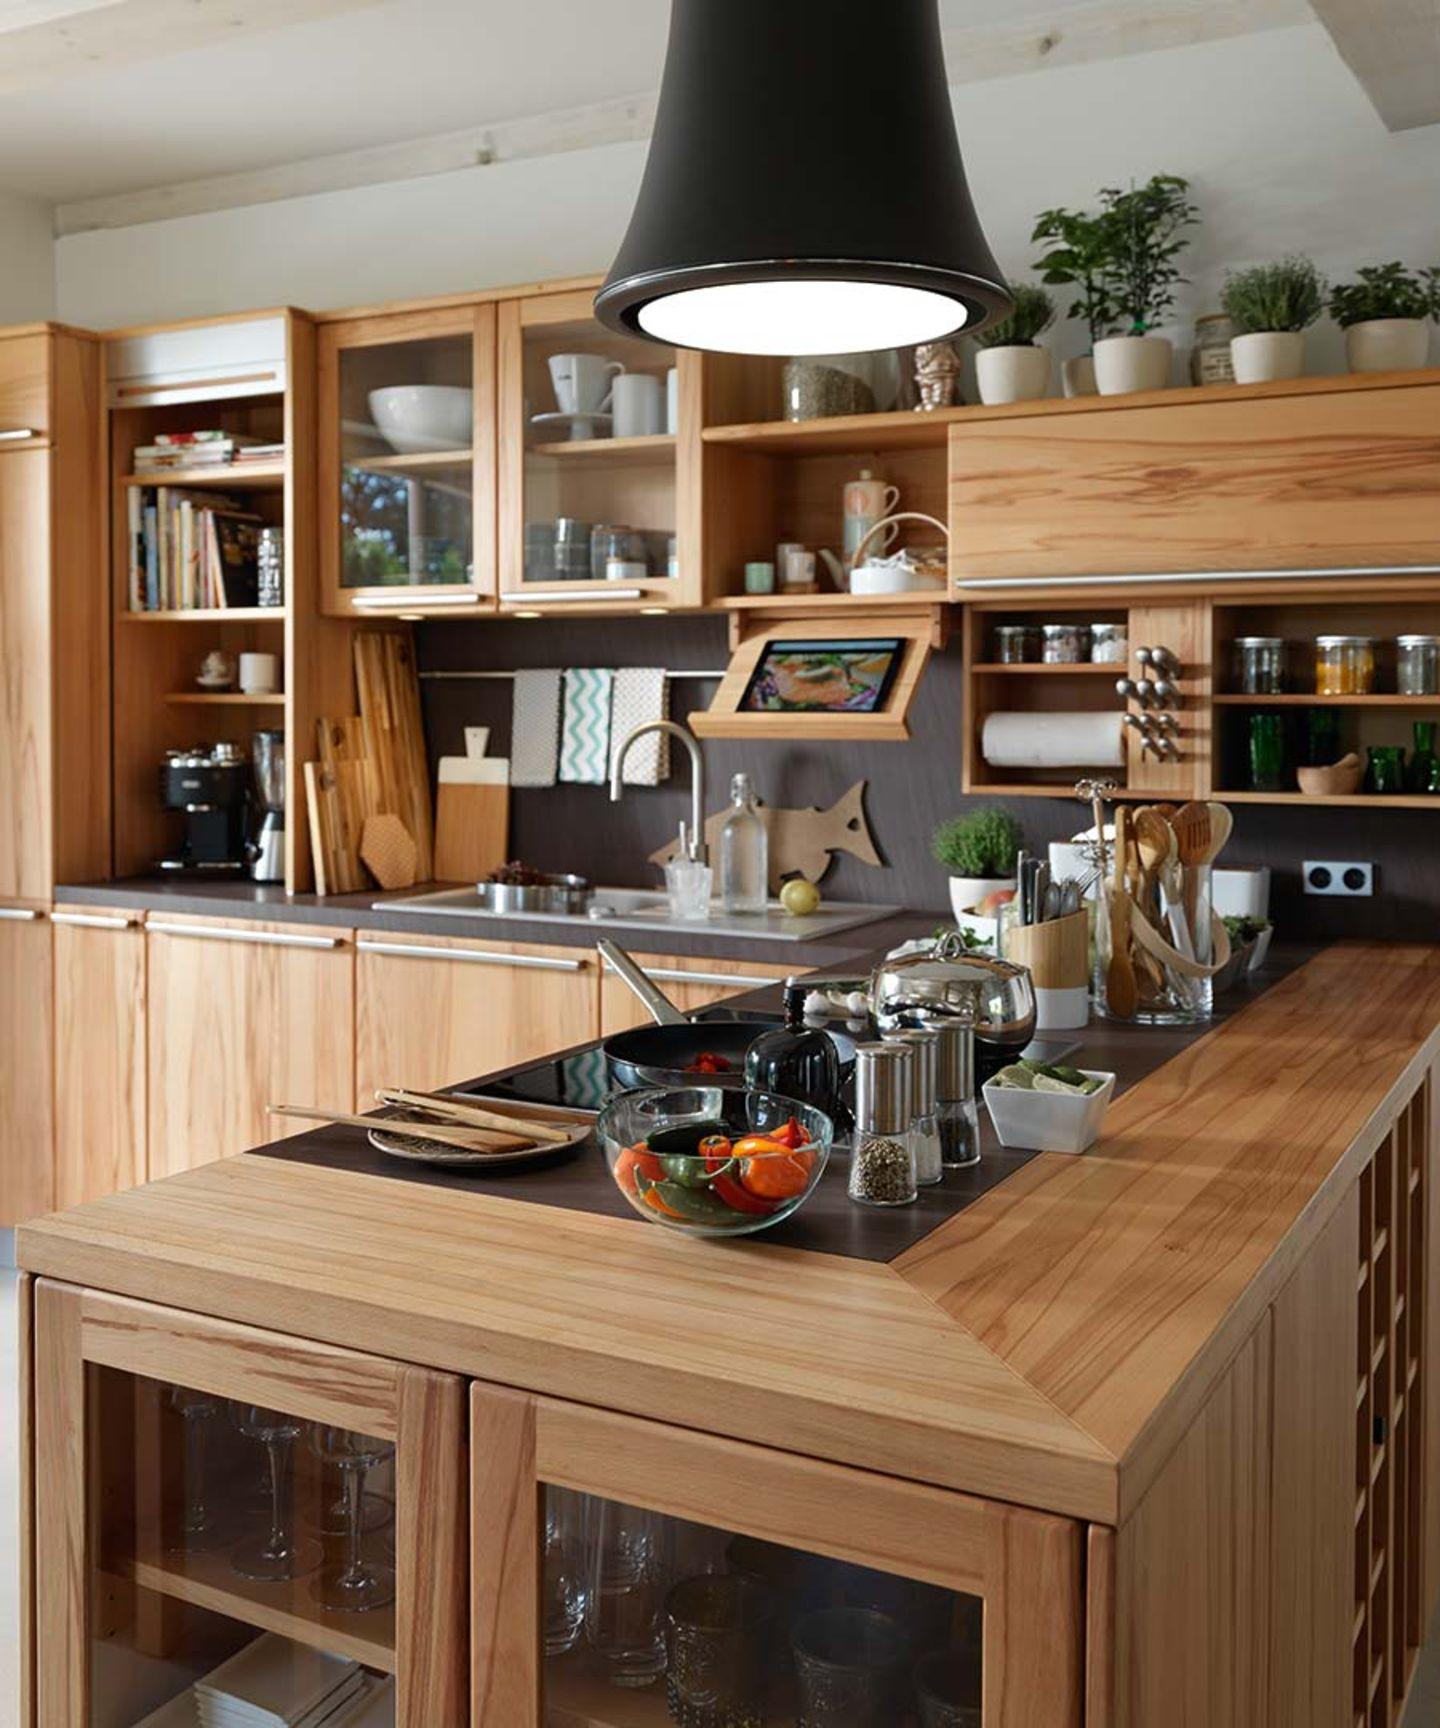 Cuisine en bois rondo avec support pour livre de recettes en bois naturel